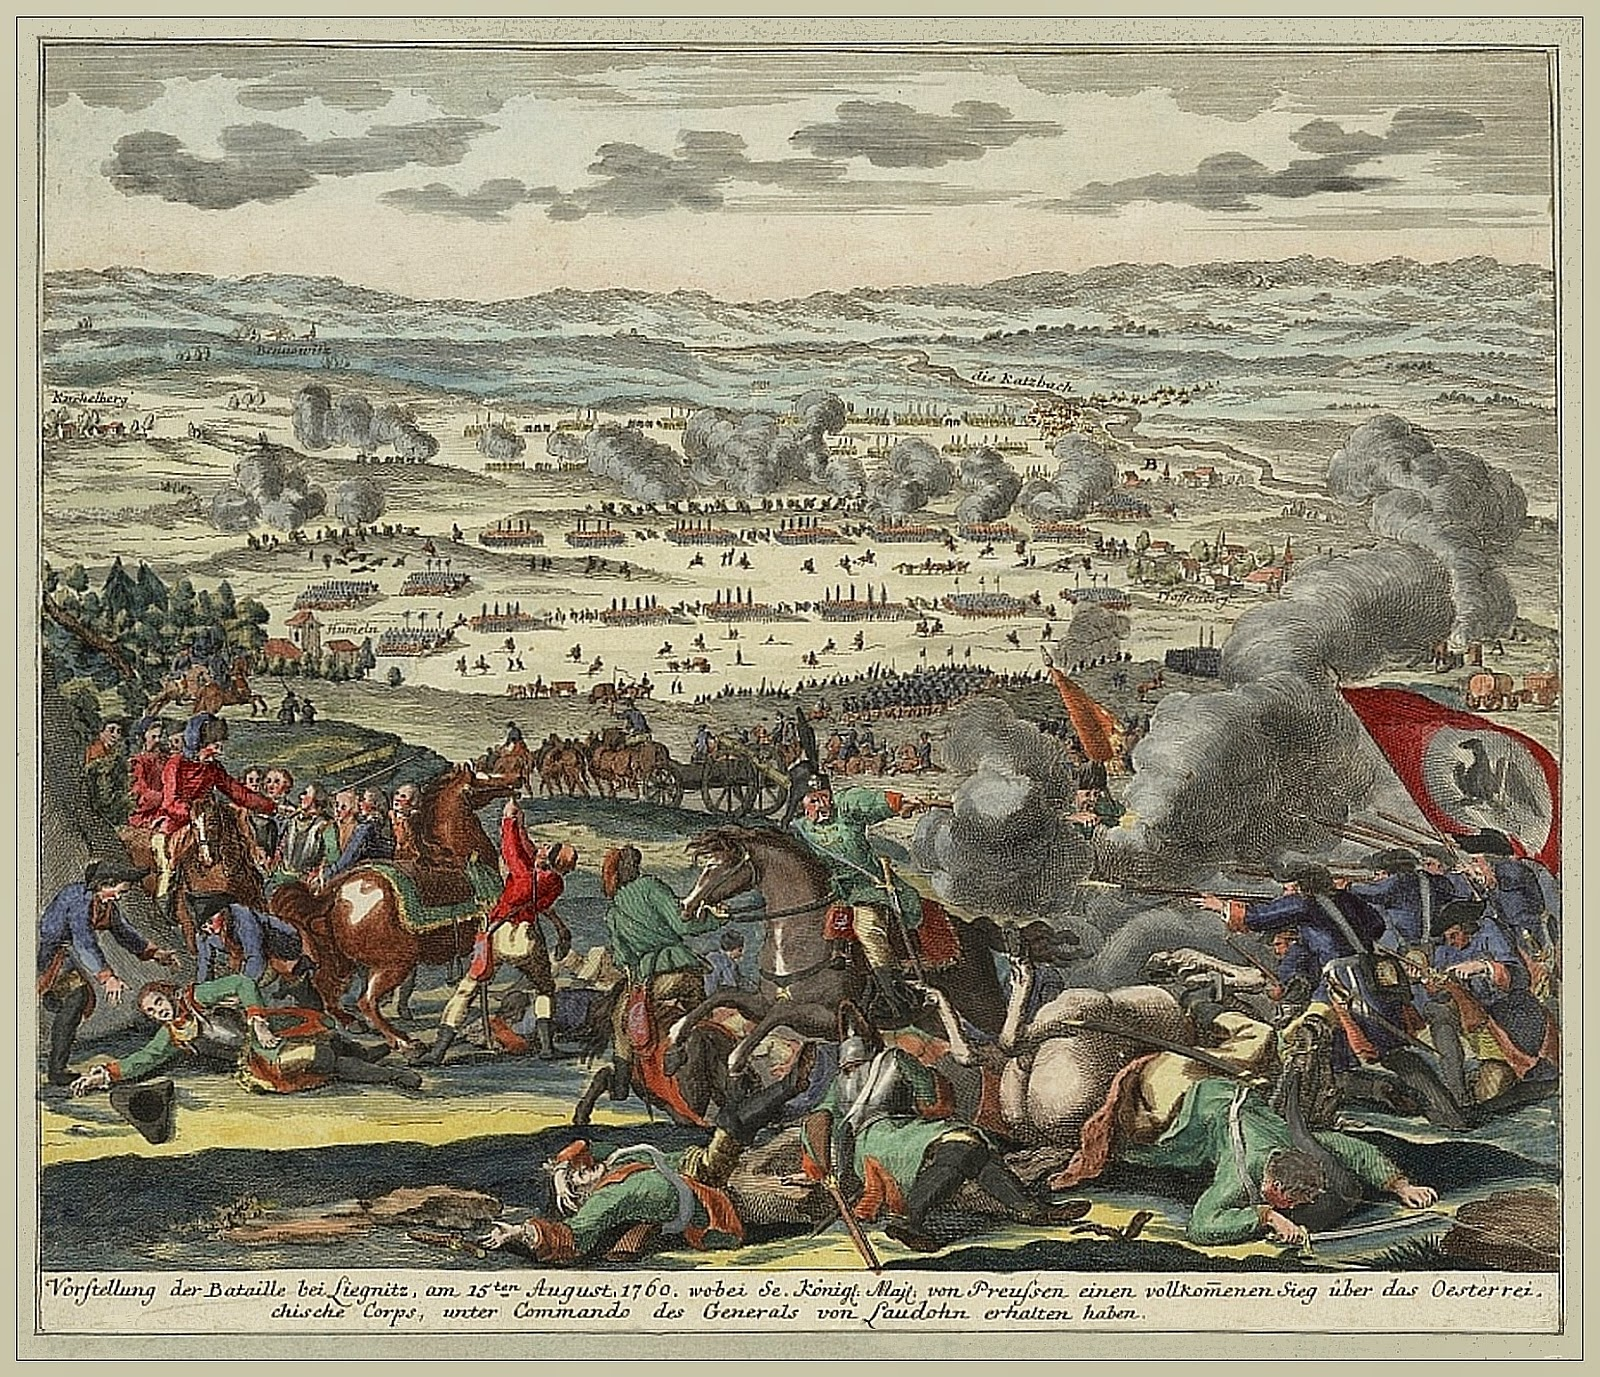 Battle of Liegnitz (1760)